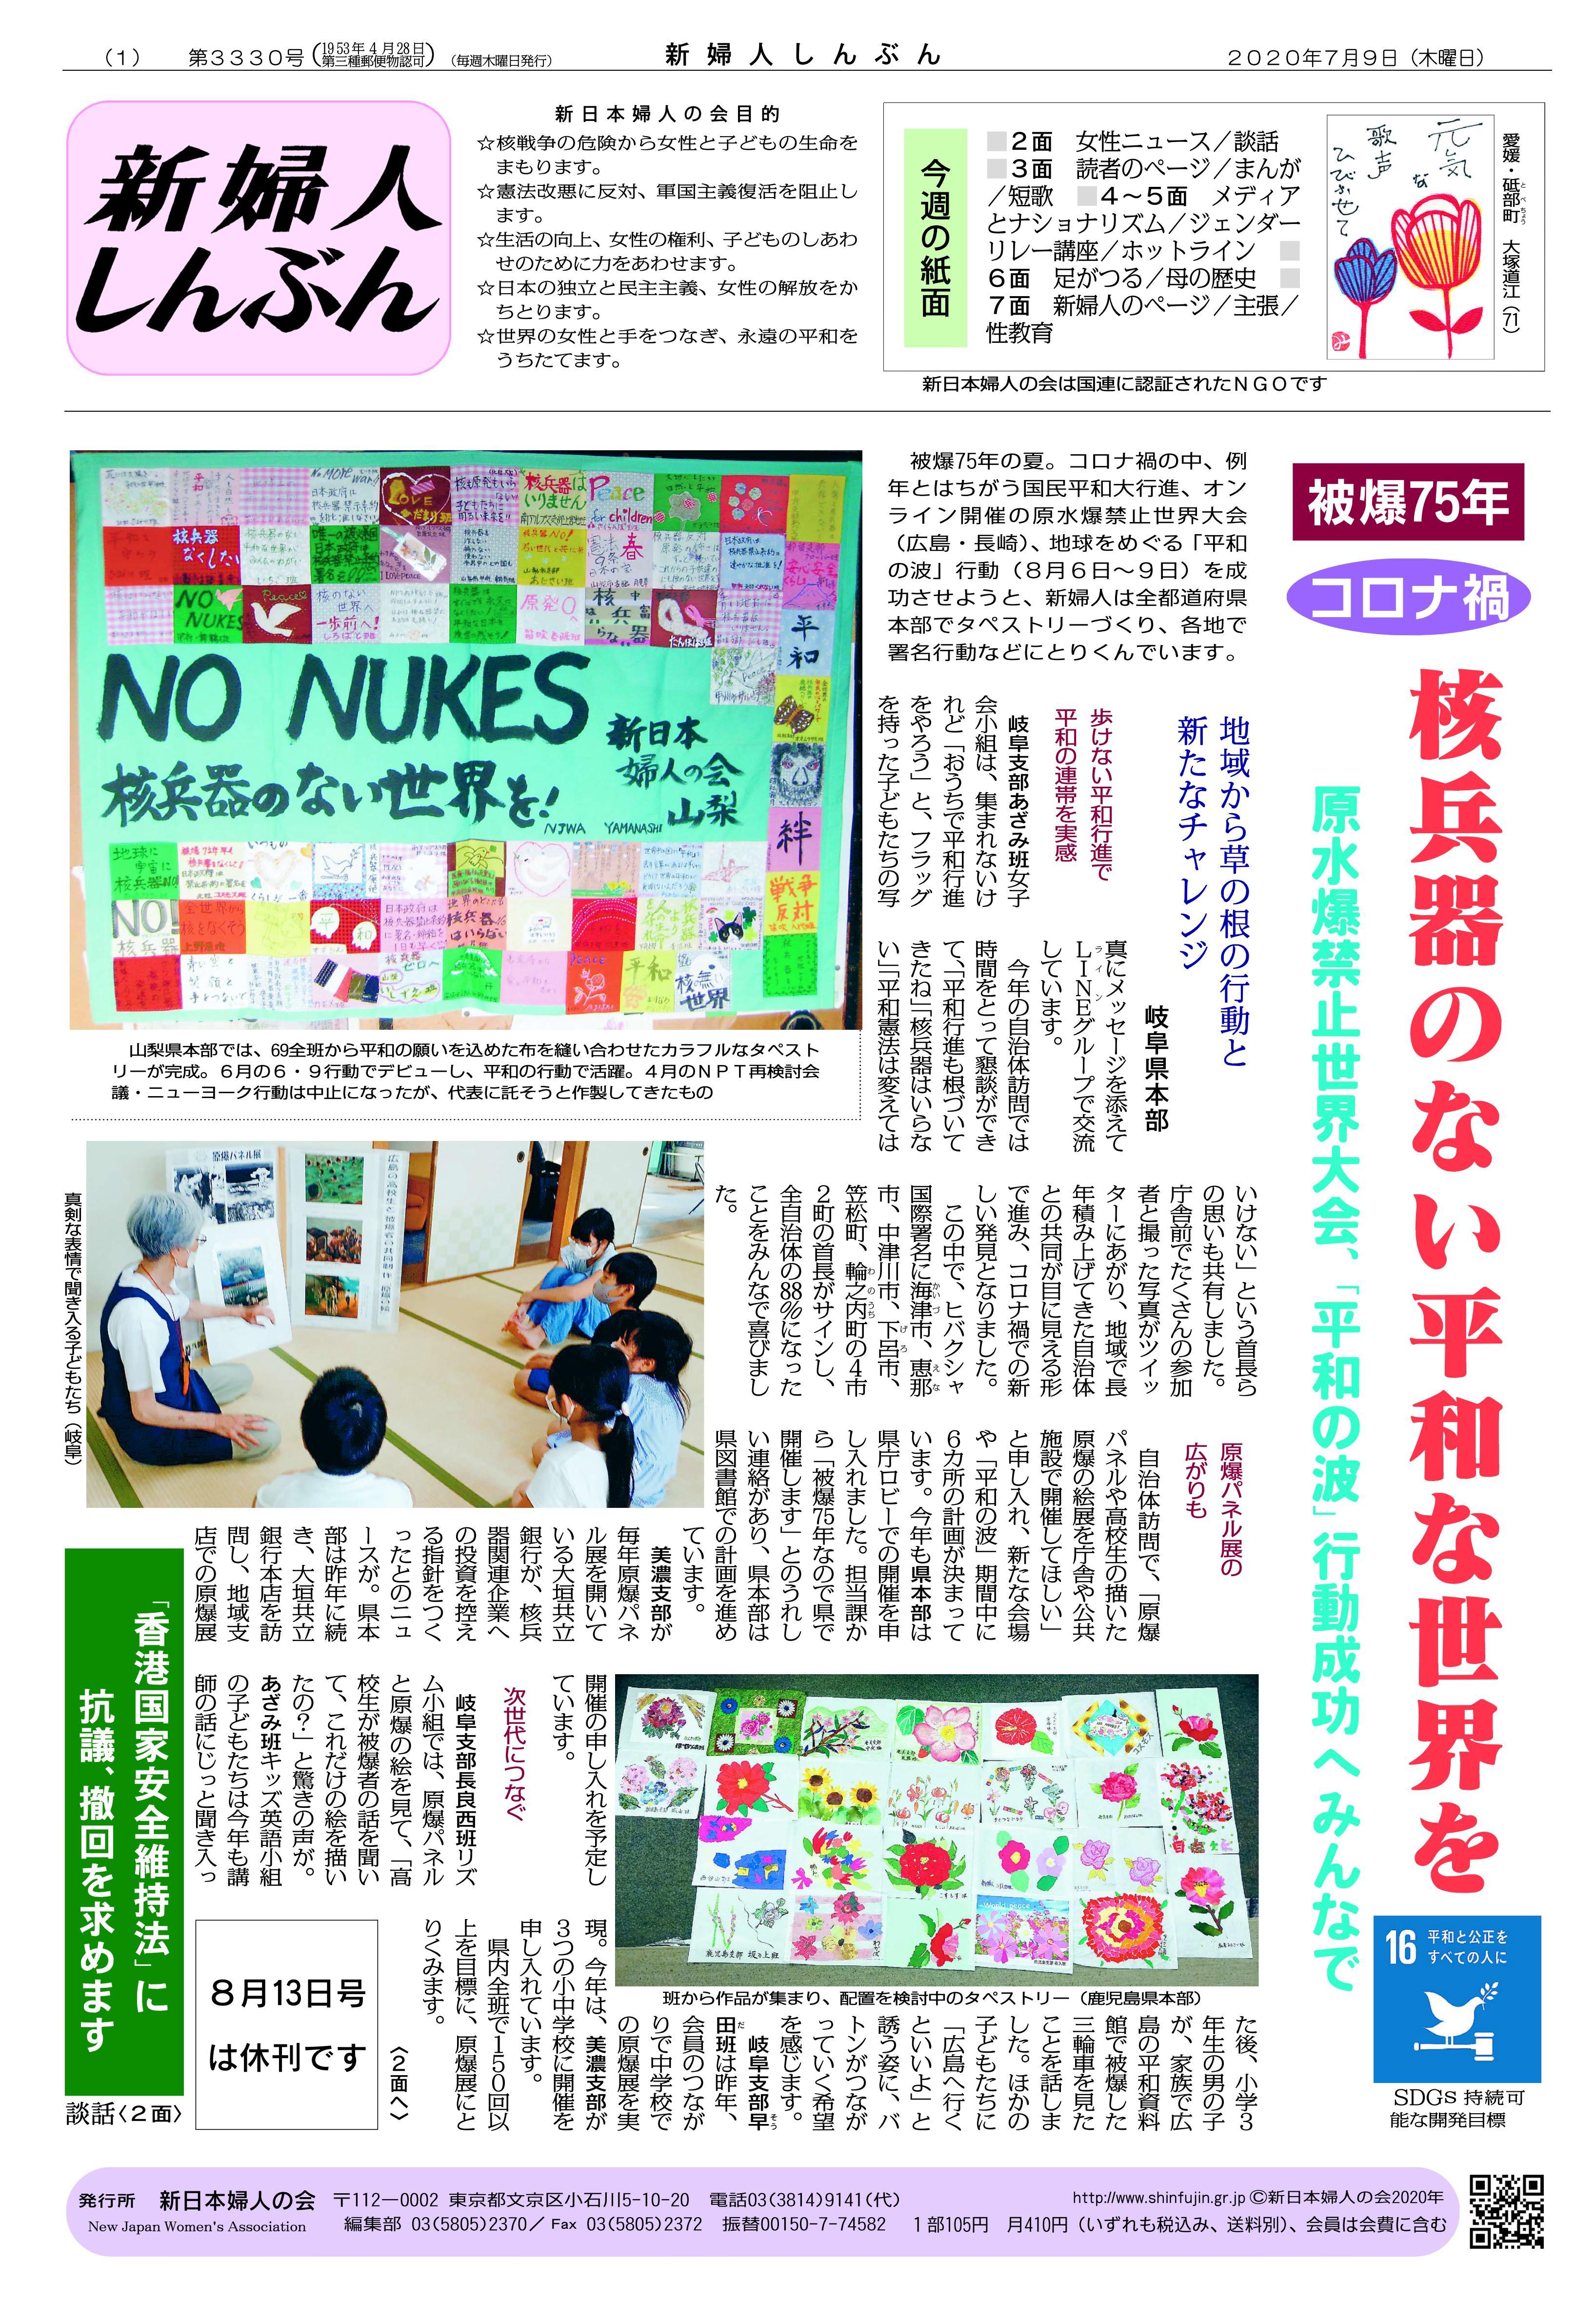 【被爆75年】【コロナ禍】核兵器のない平和な世界を